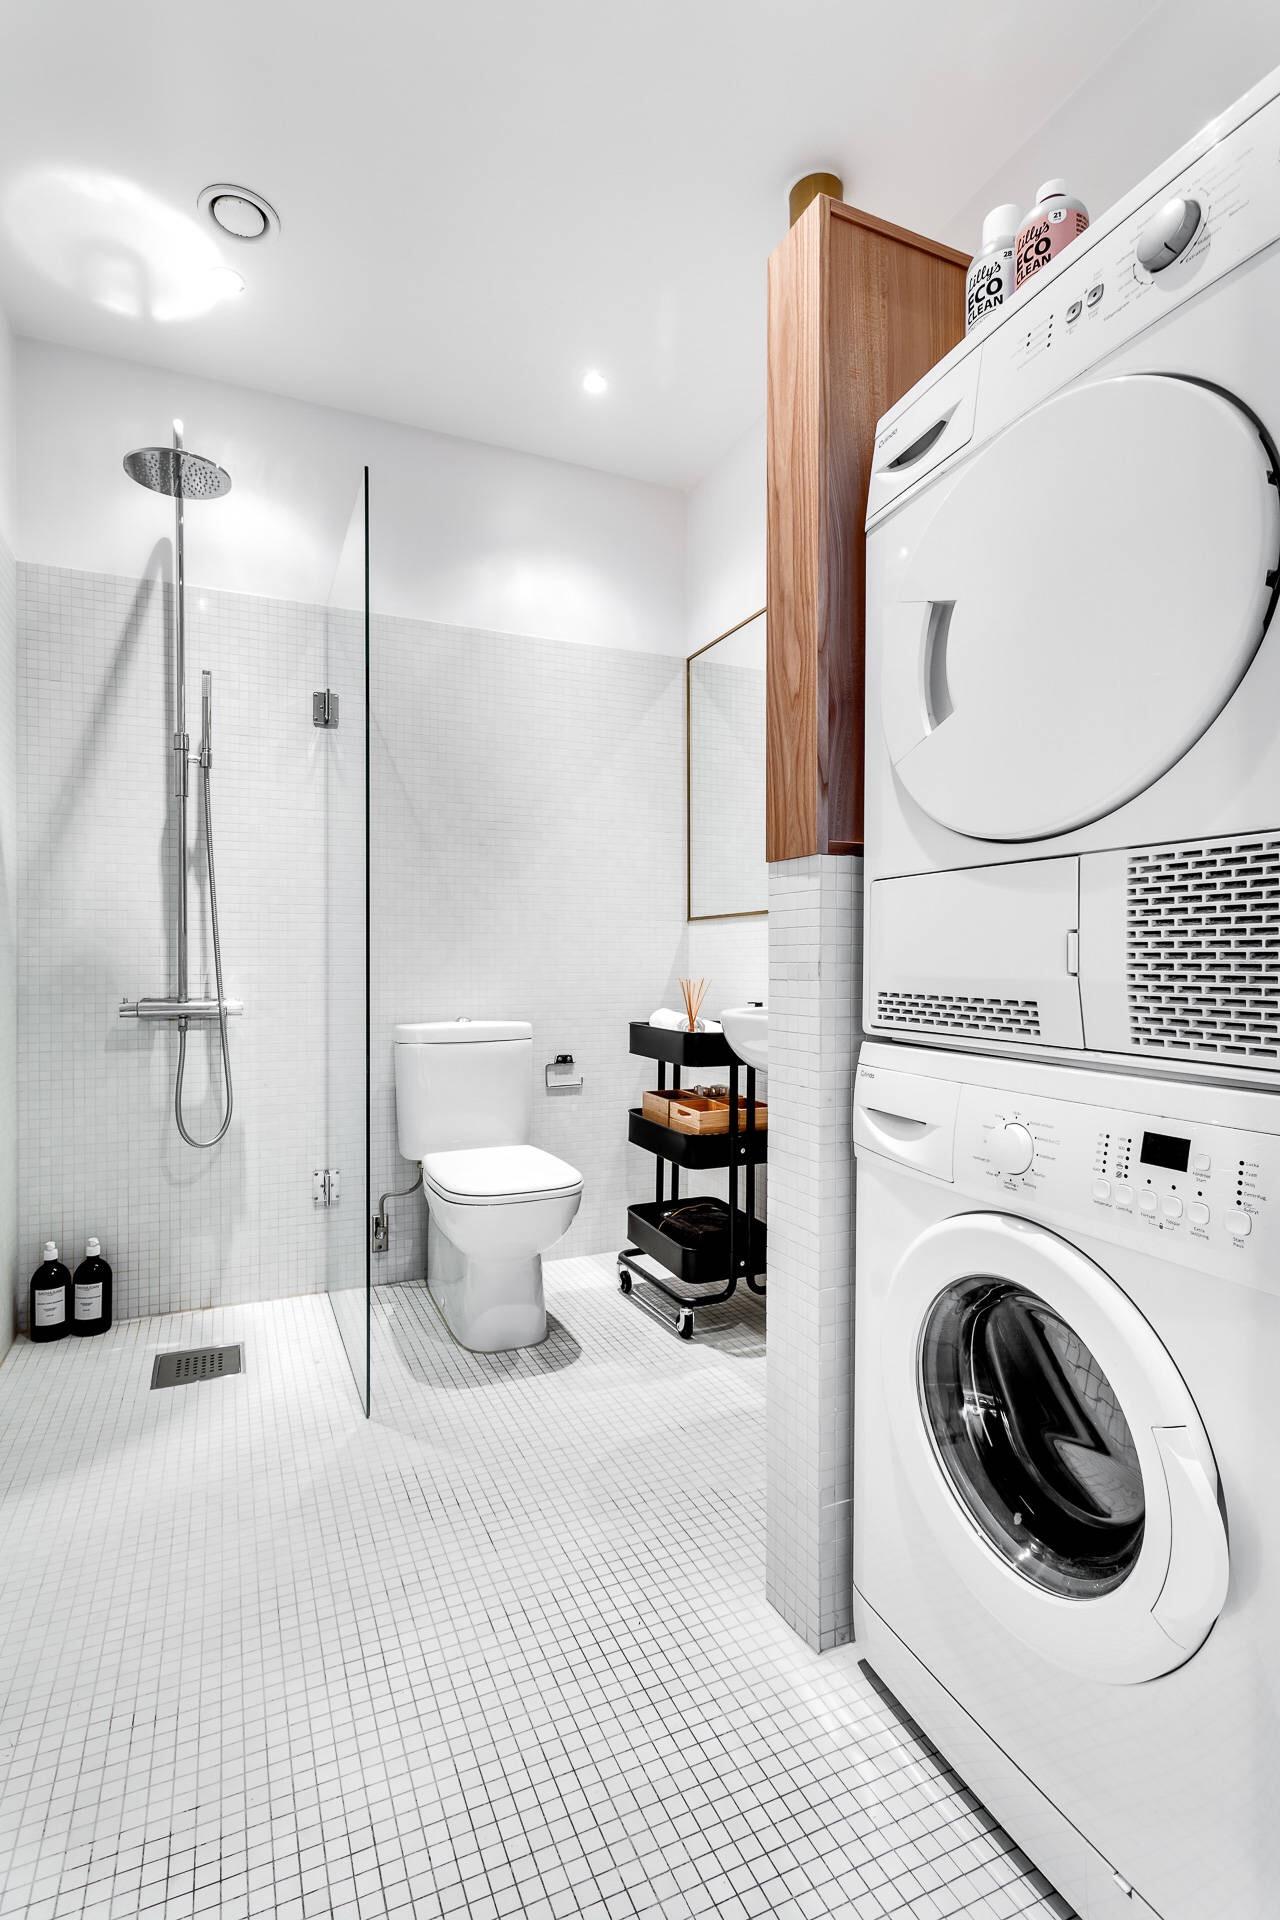 санузел душ стиральная сушильная машина белая плитка